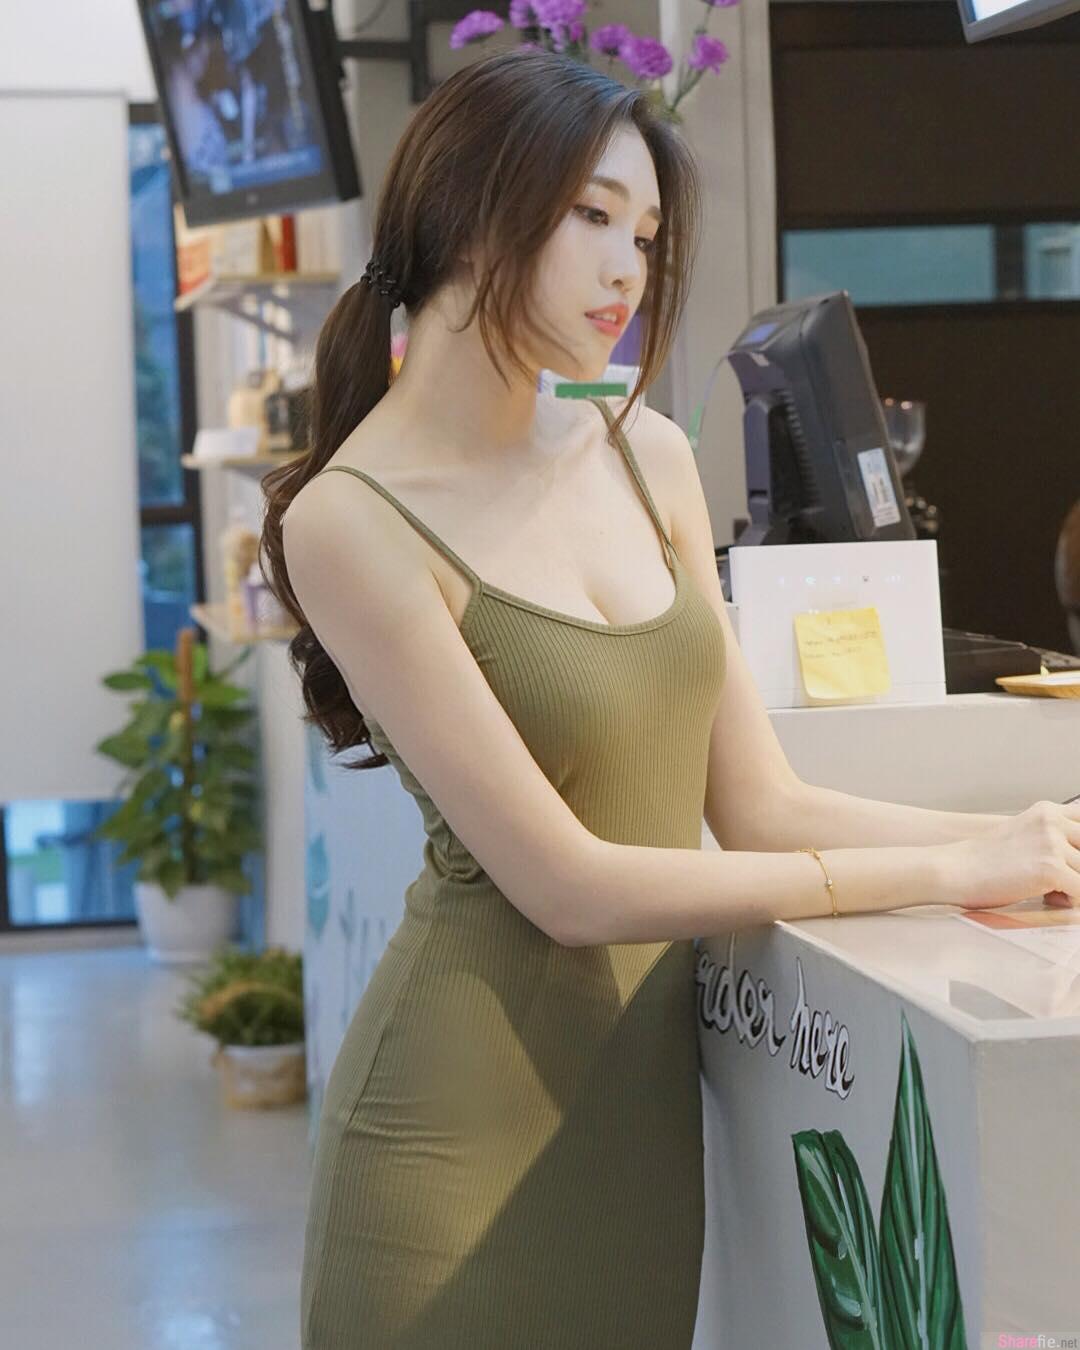 大马正妹Fedora Ng,修长美腿低胸连身裙超迷人